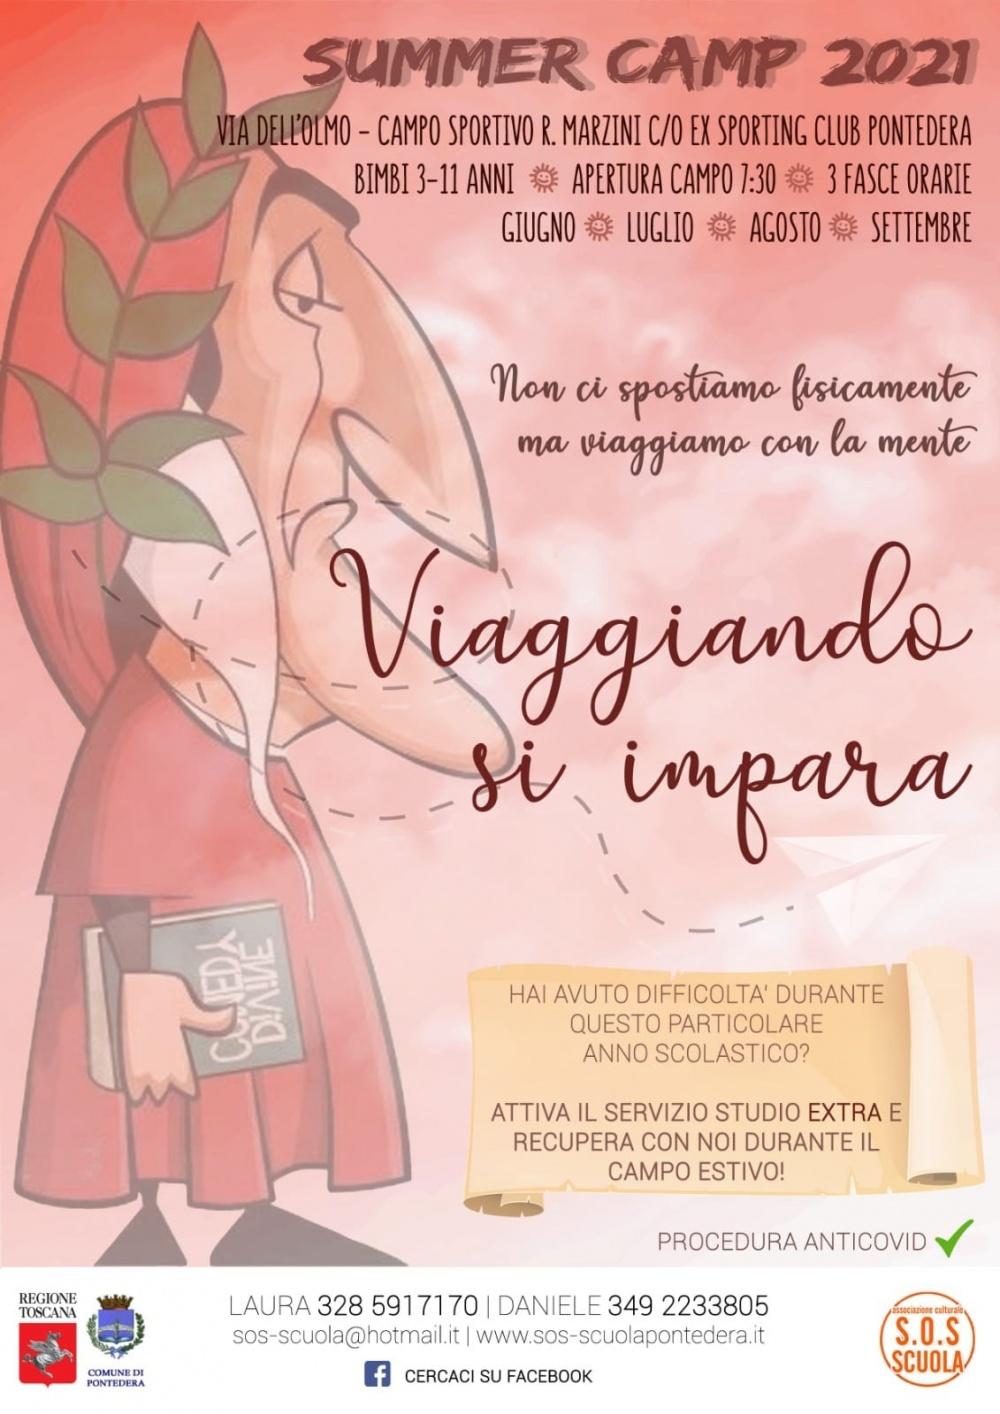 Locandina campi estivi 2021 Pontedera Pisa - Associazione Culturale S.O.S Scuola